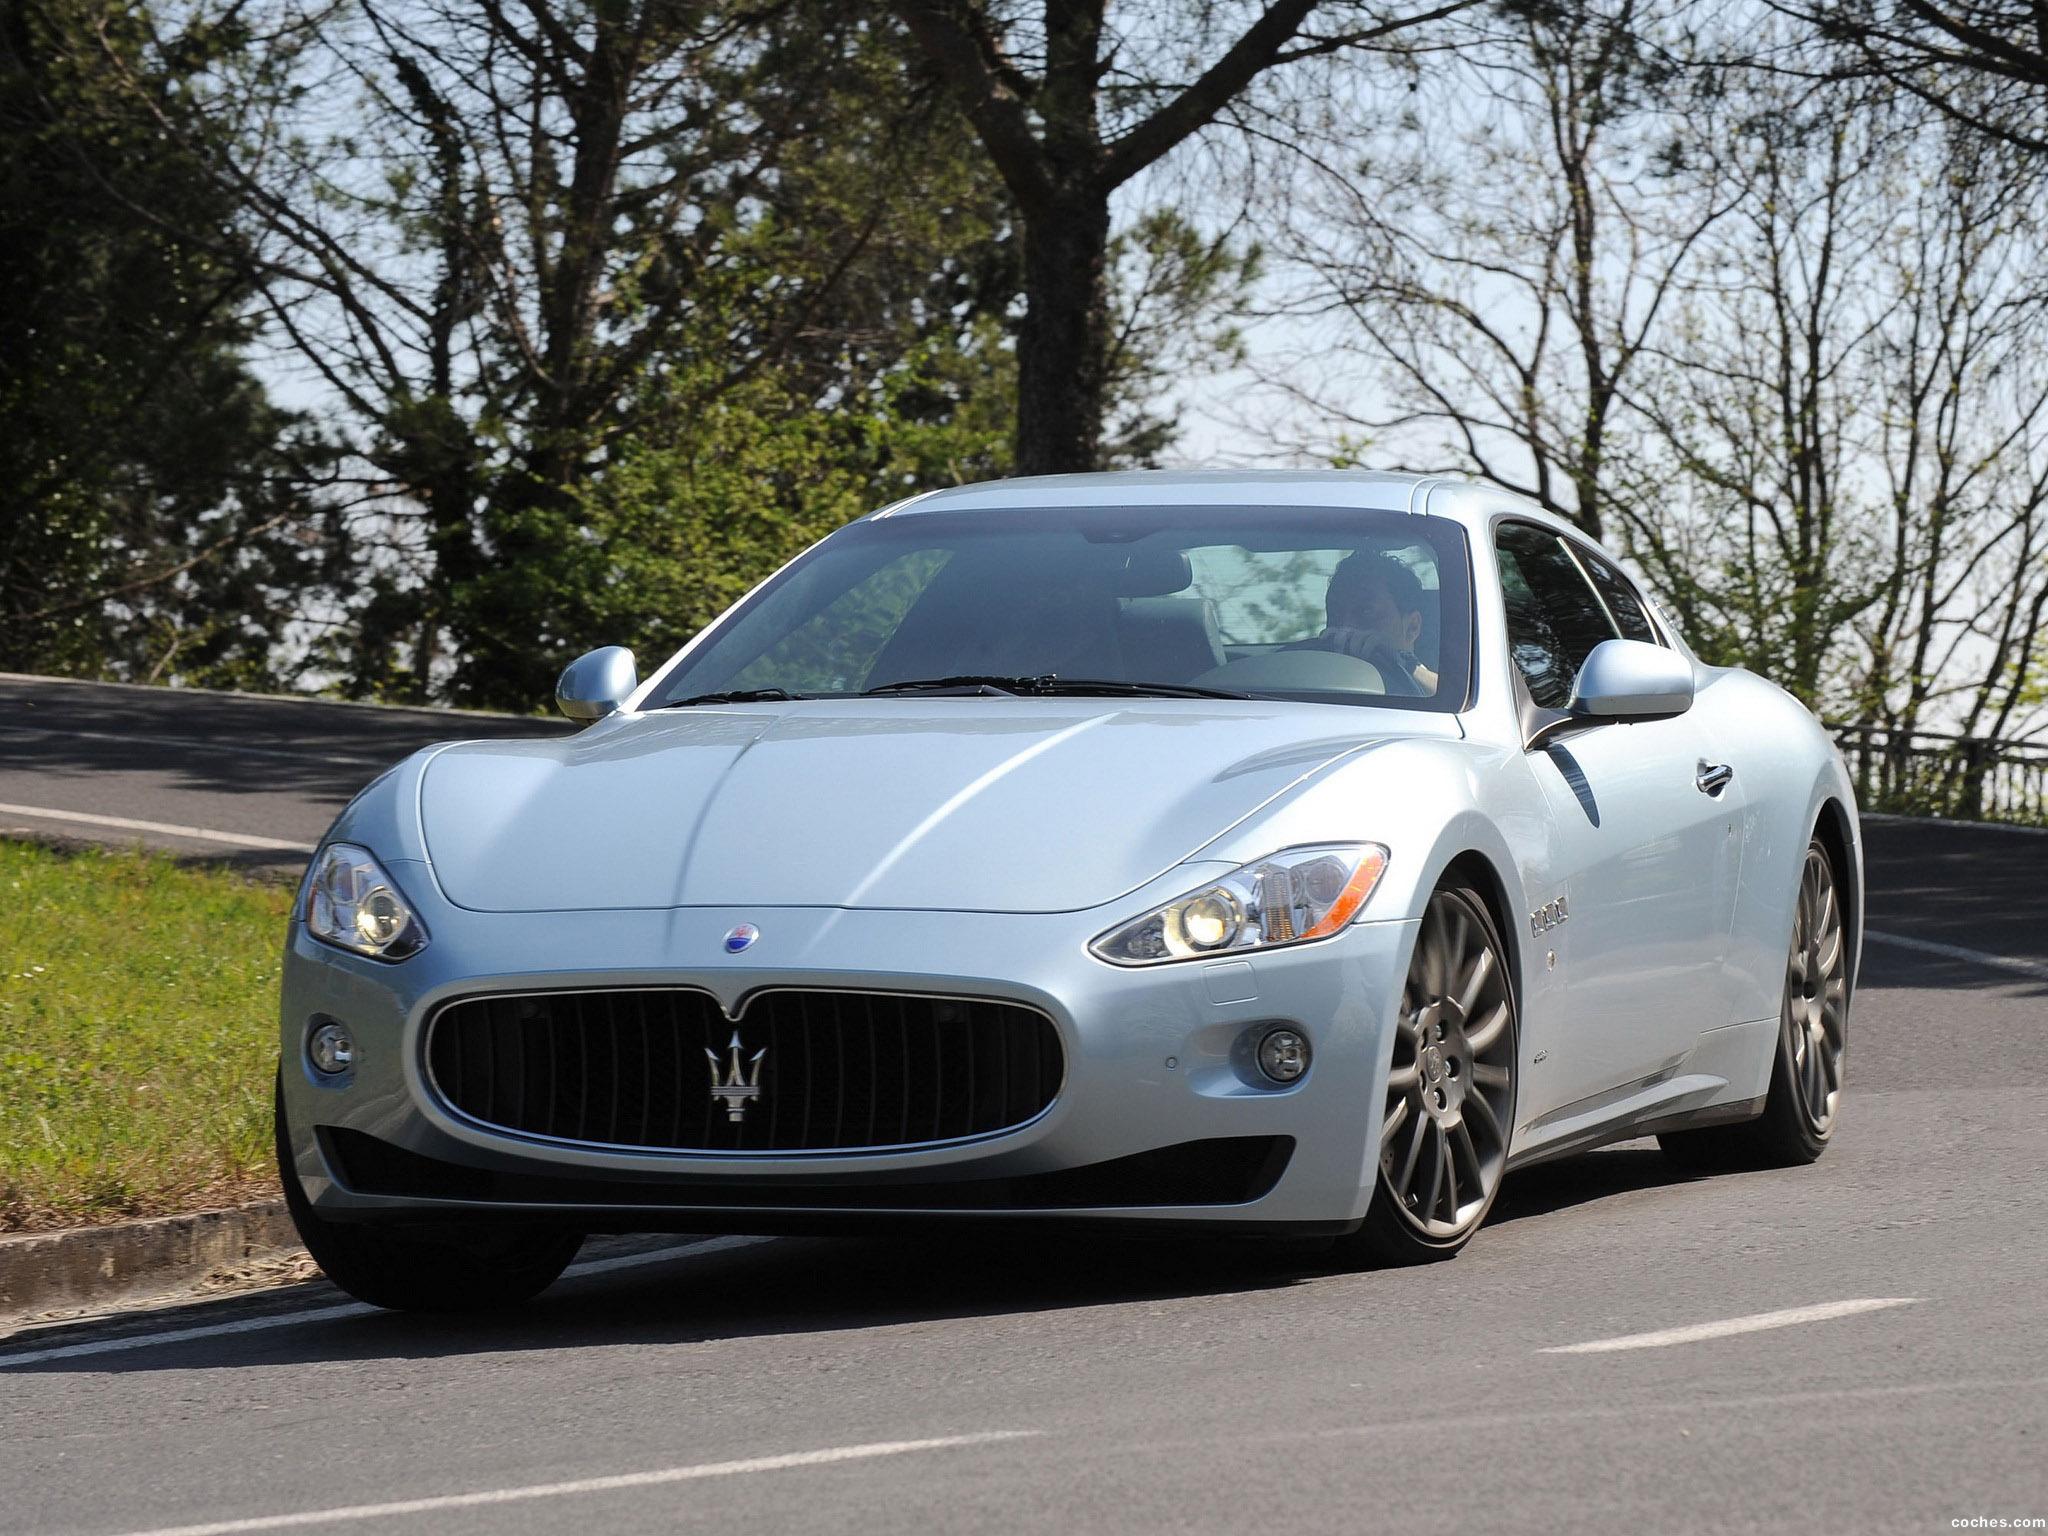 Foto 0 de Maserati GranTurismo S Automatic 2009